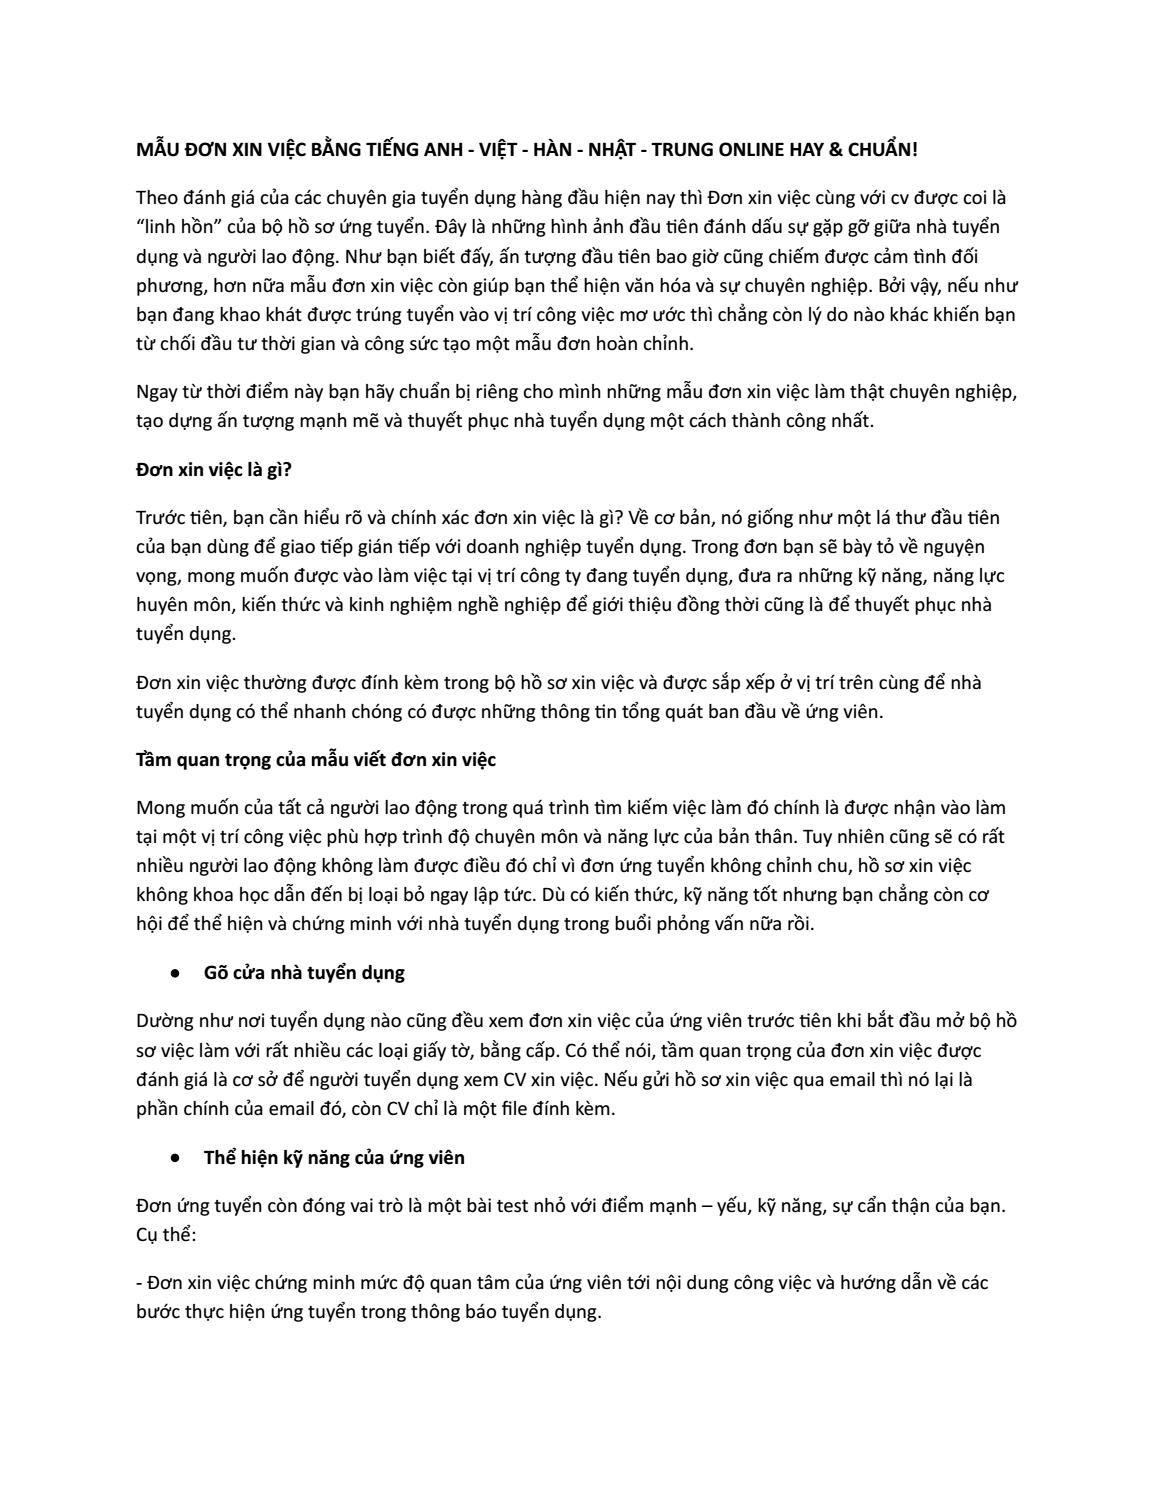 bài essay xin h c b ng